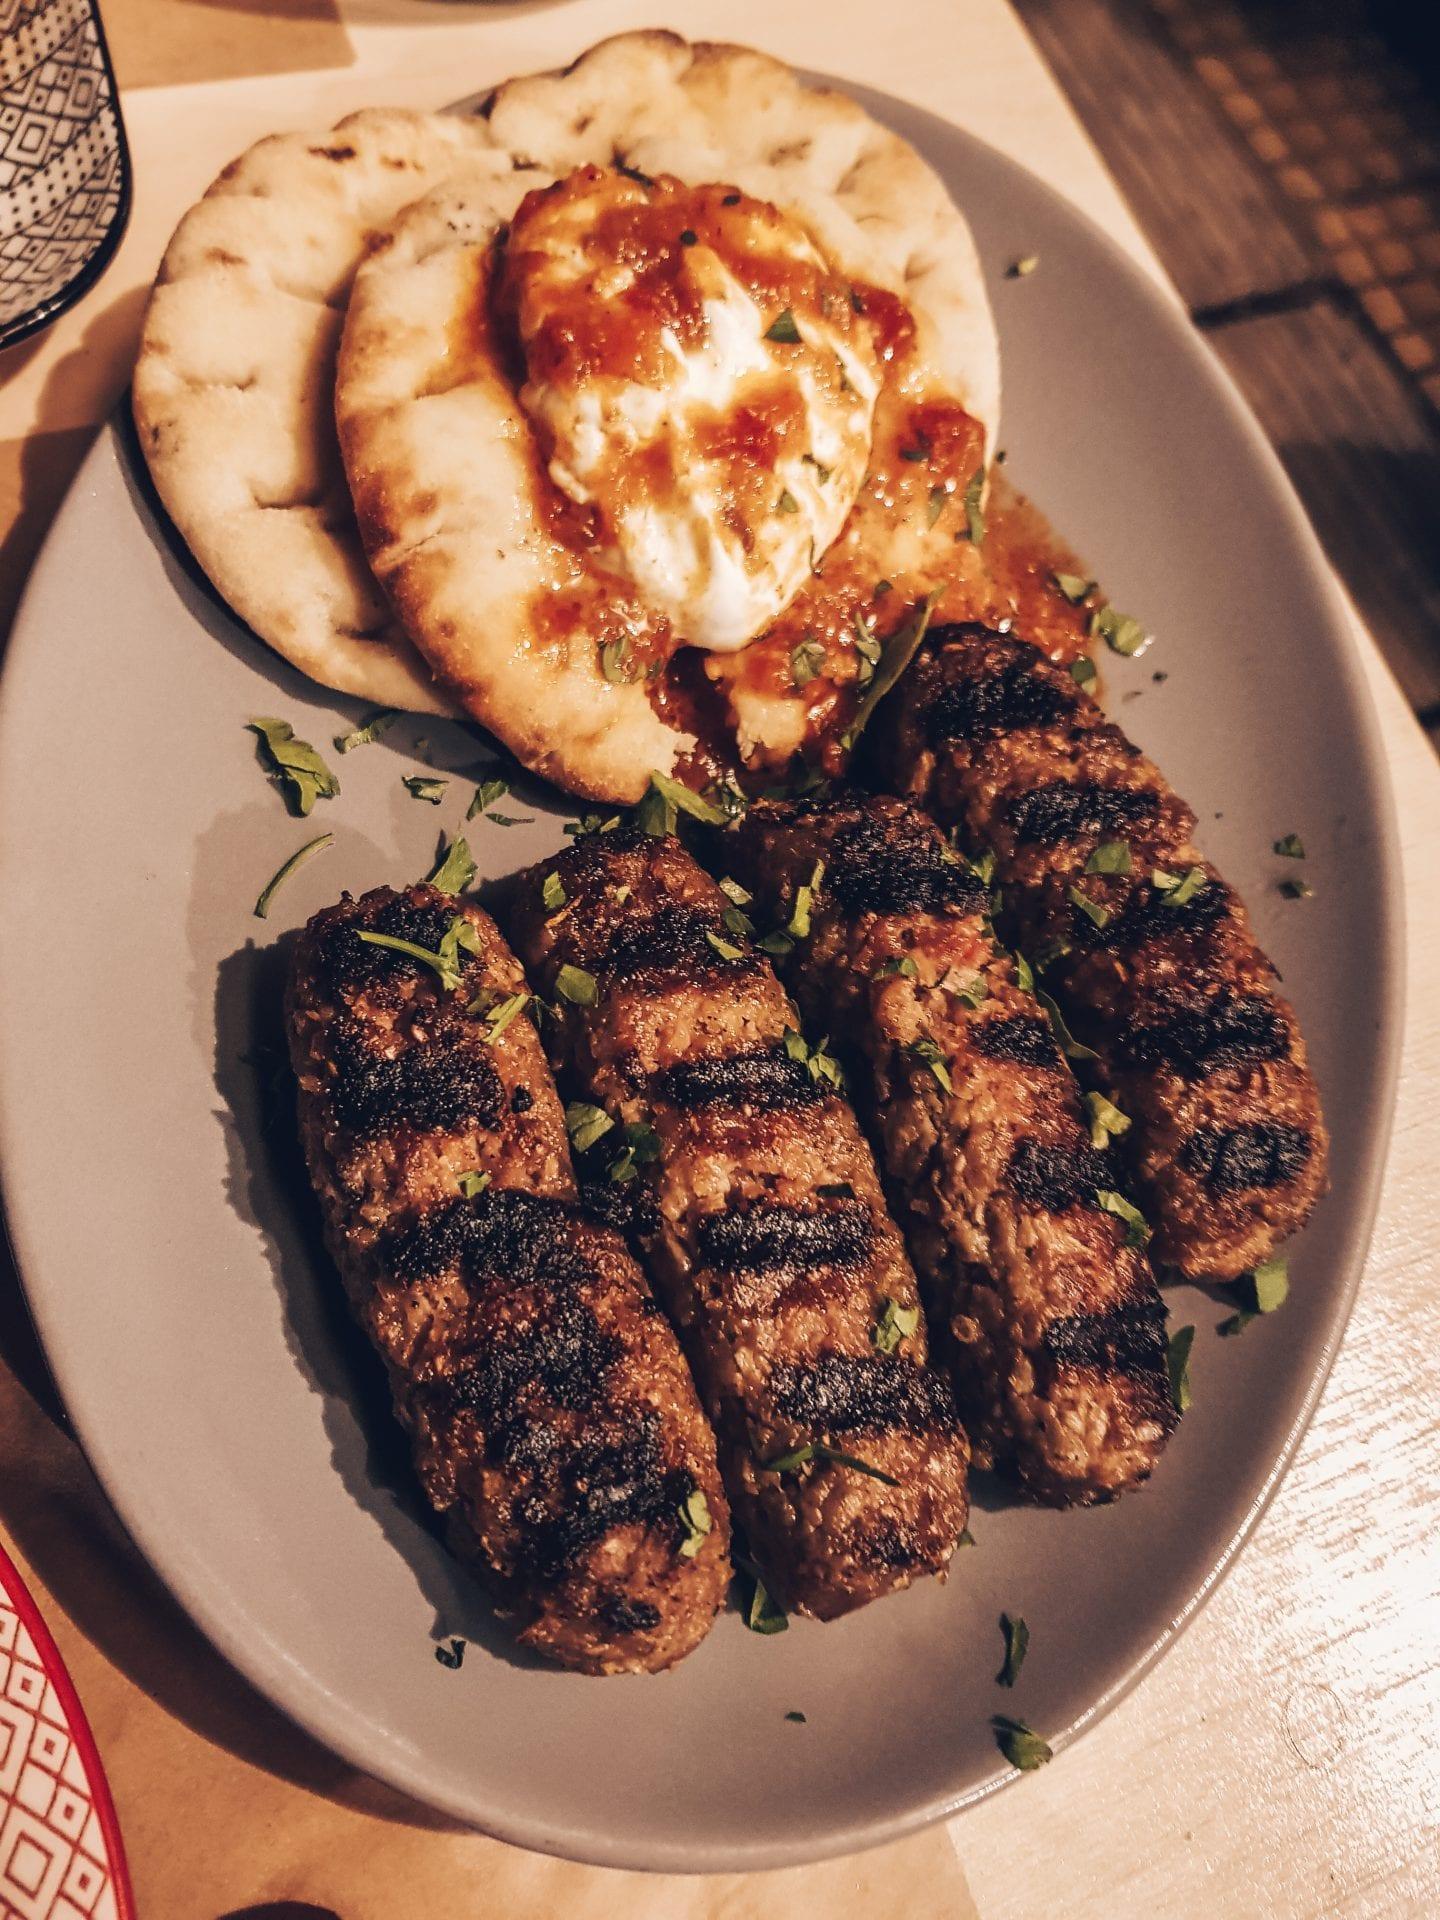 greek food on plate